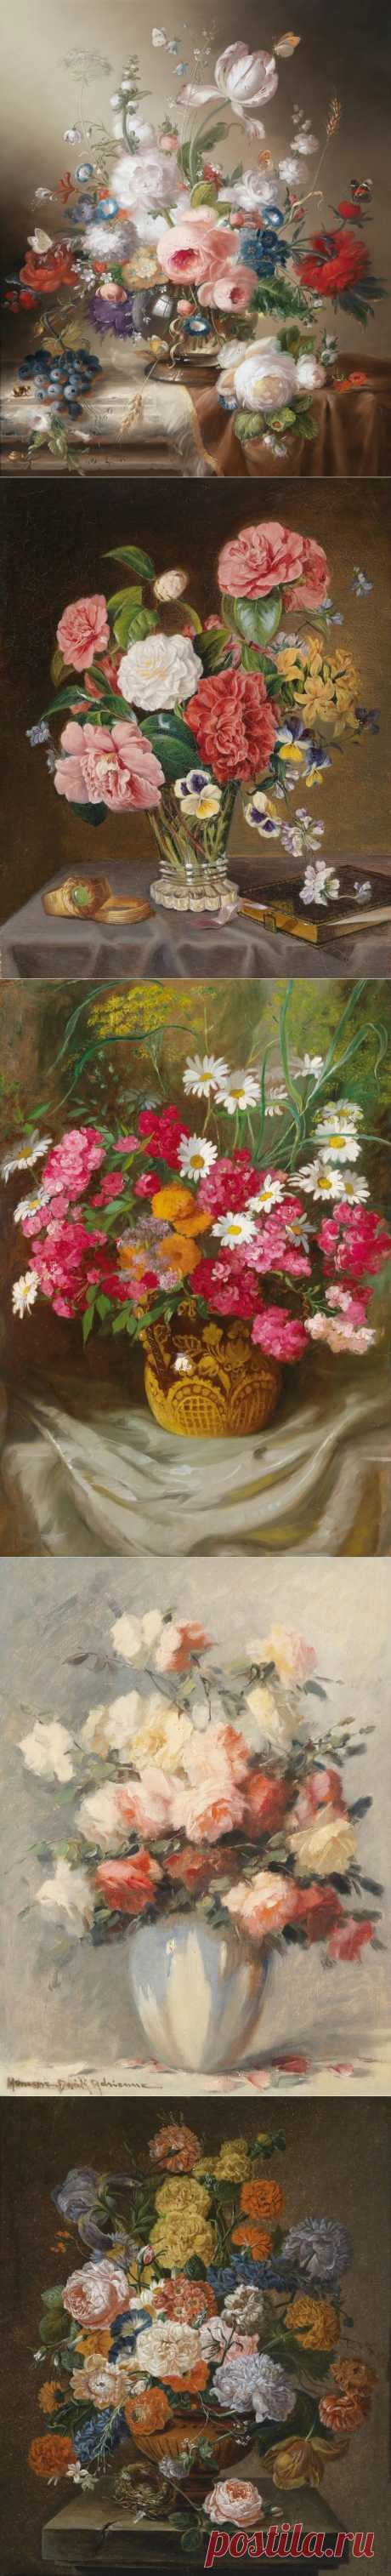 АукционноНатюрмортное ассорти. | Мы все родились, чтоб в счастье жить. Весна пускай приносит перемены….